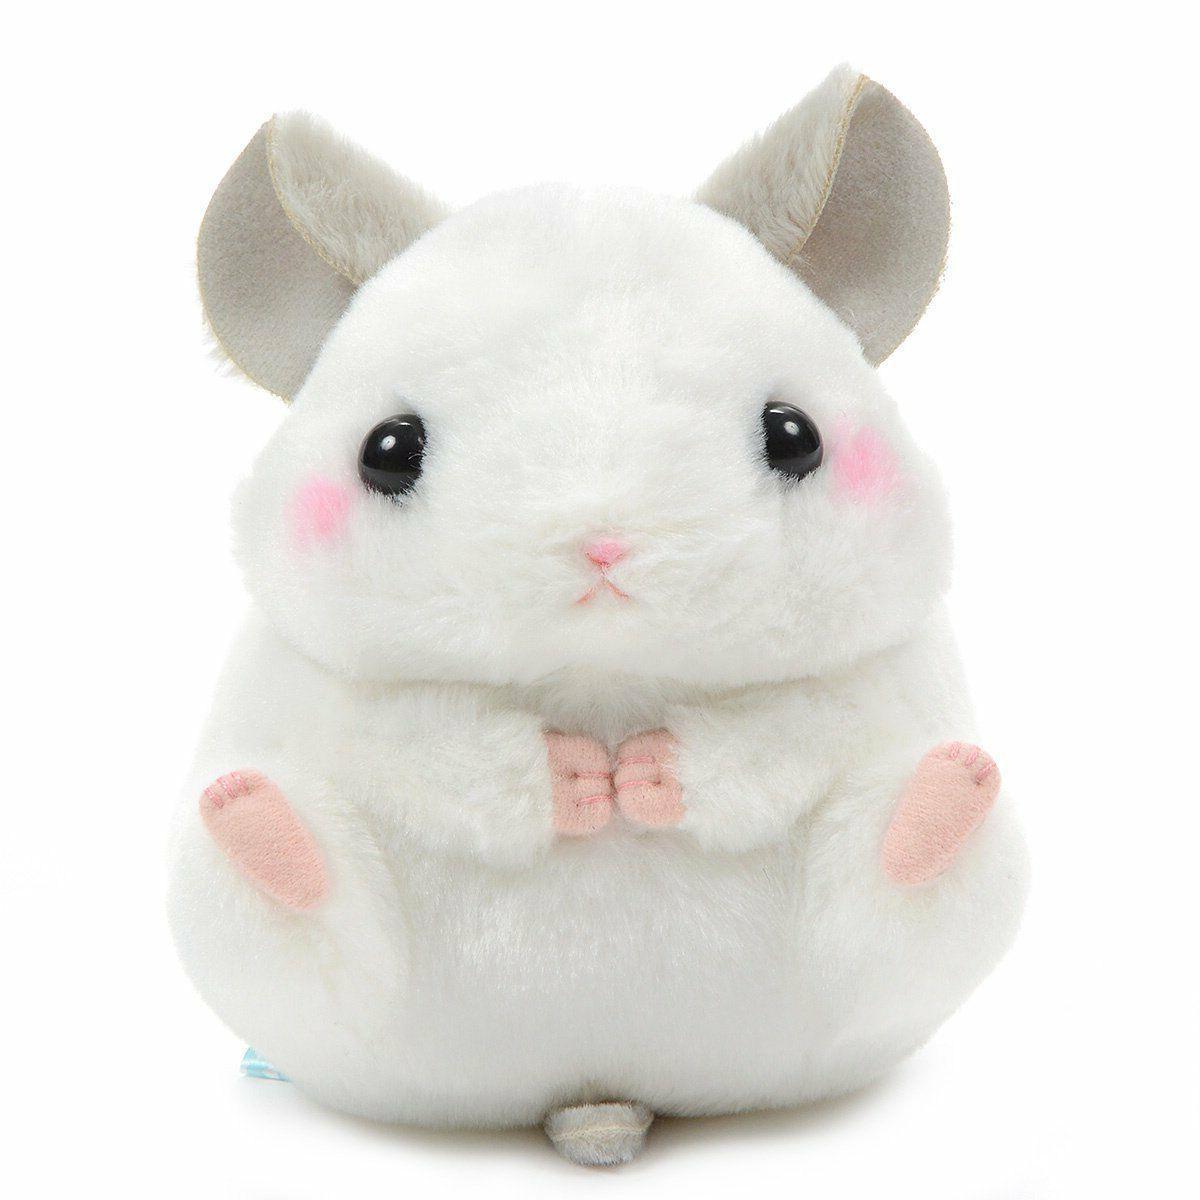 Stuffed Animal Plushie Standard Size Amuse White